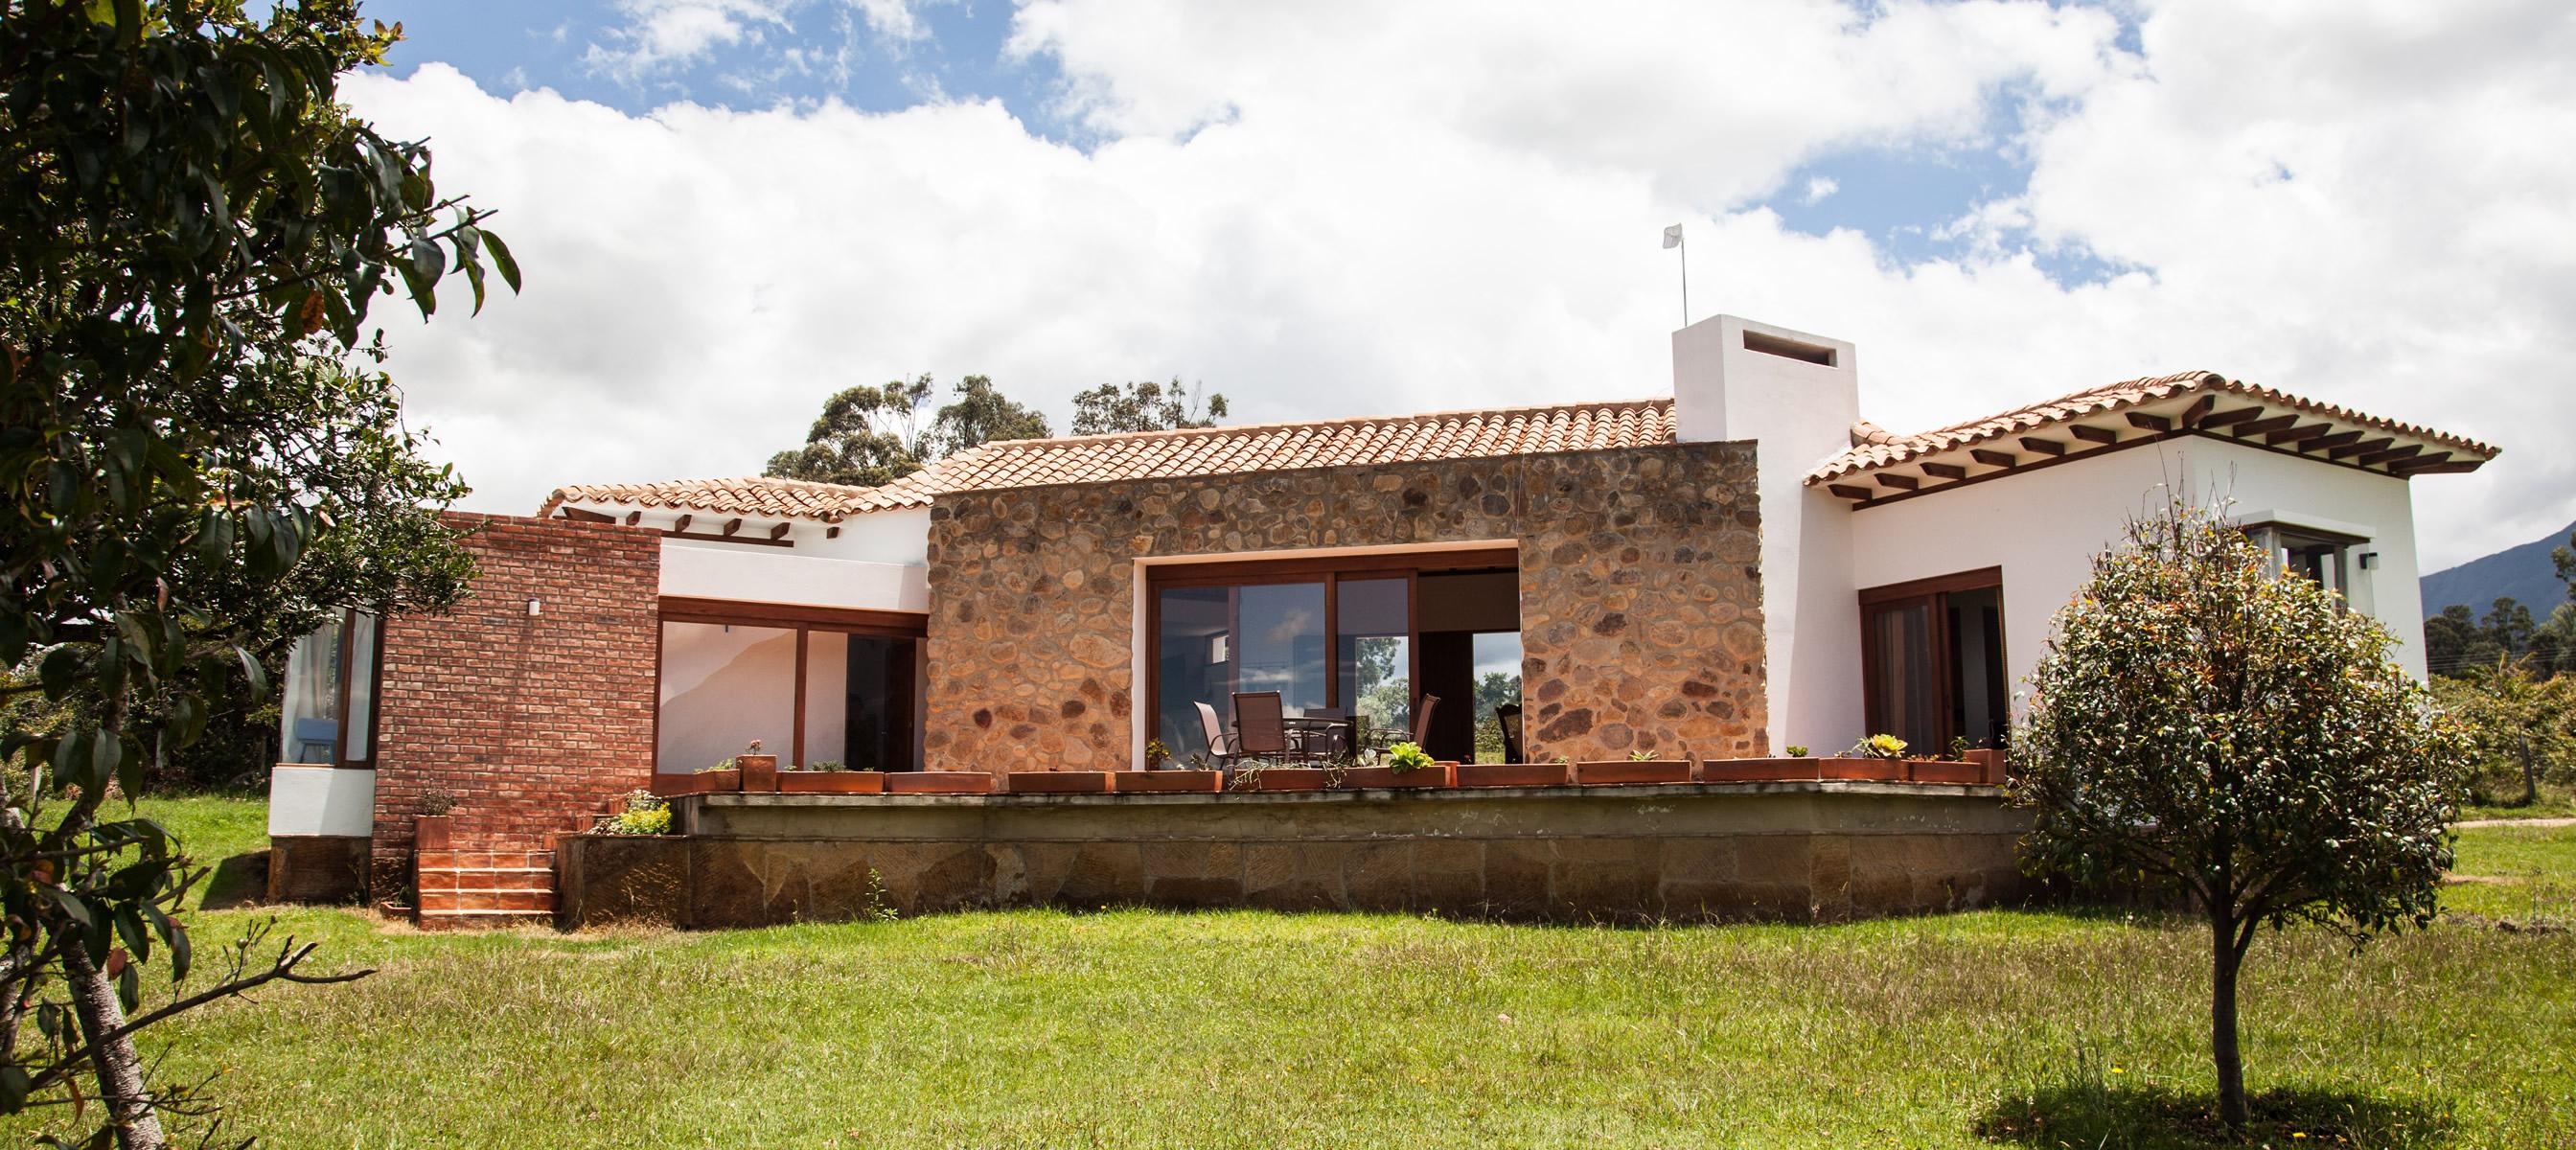 Alquiler casa yojata en villa de leyva for Casas de alquiler en